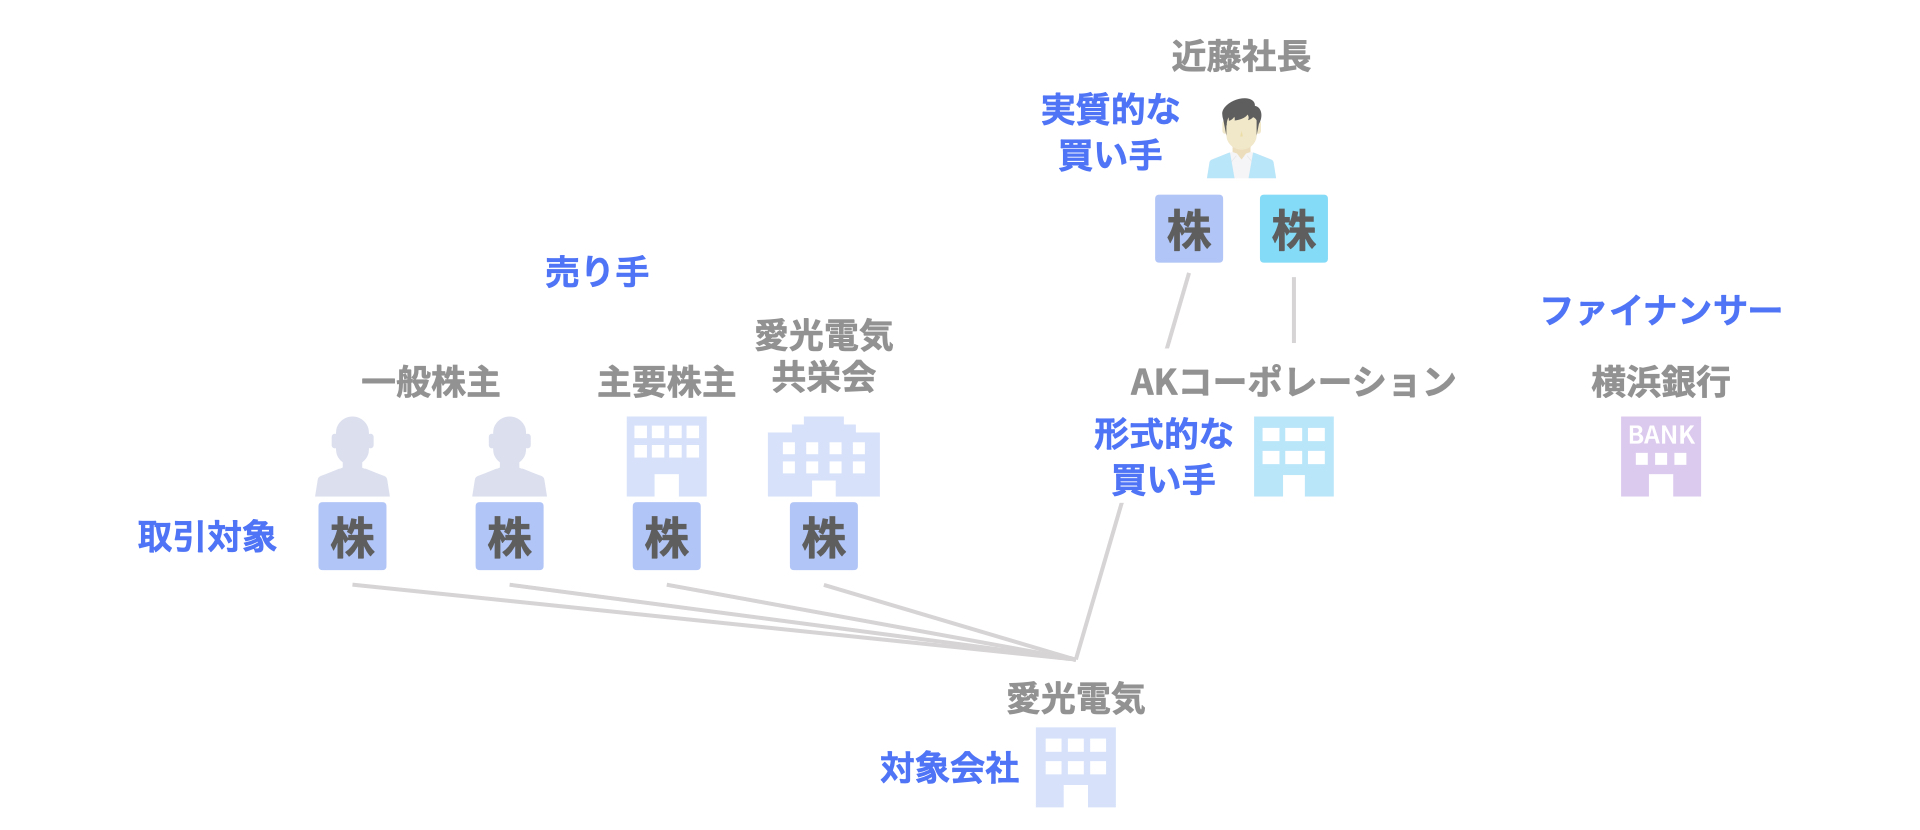 MBO事例 愛光電気のデットMBOによる非公開化(横浜銀行)の関係者